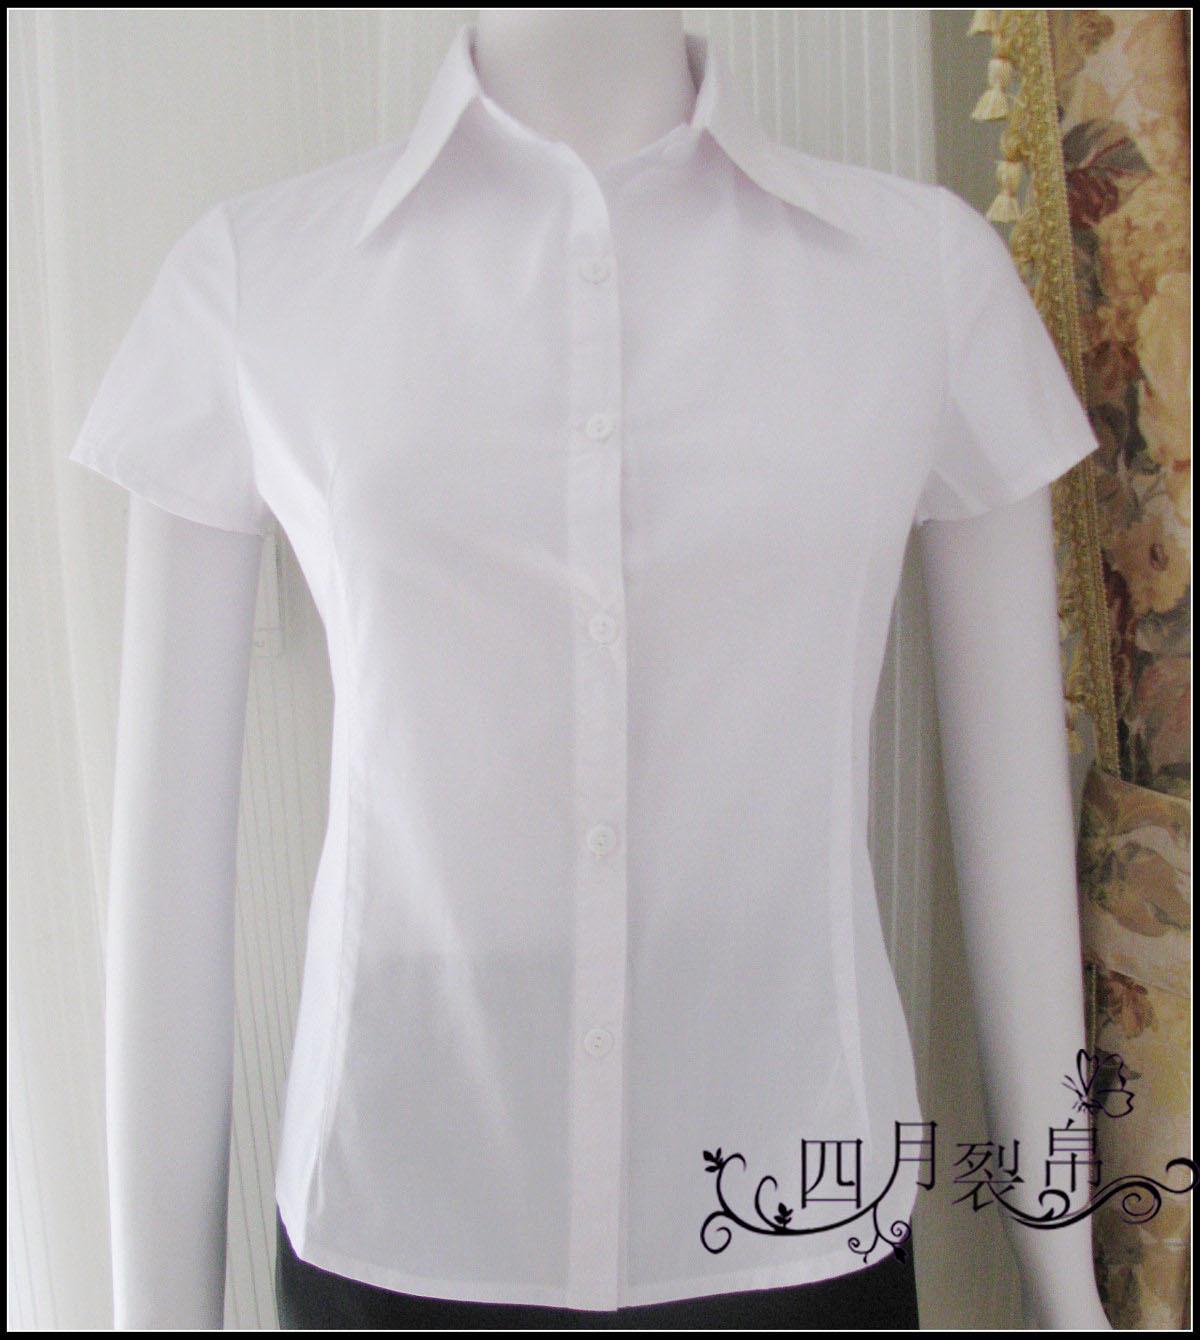 женская рубашка Other OL TC Гламурный стиль Короткий рукав Однотонный цвет